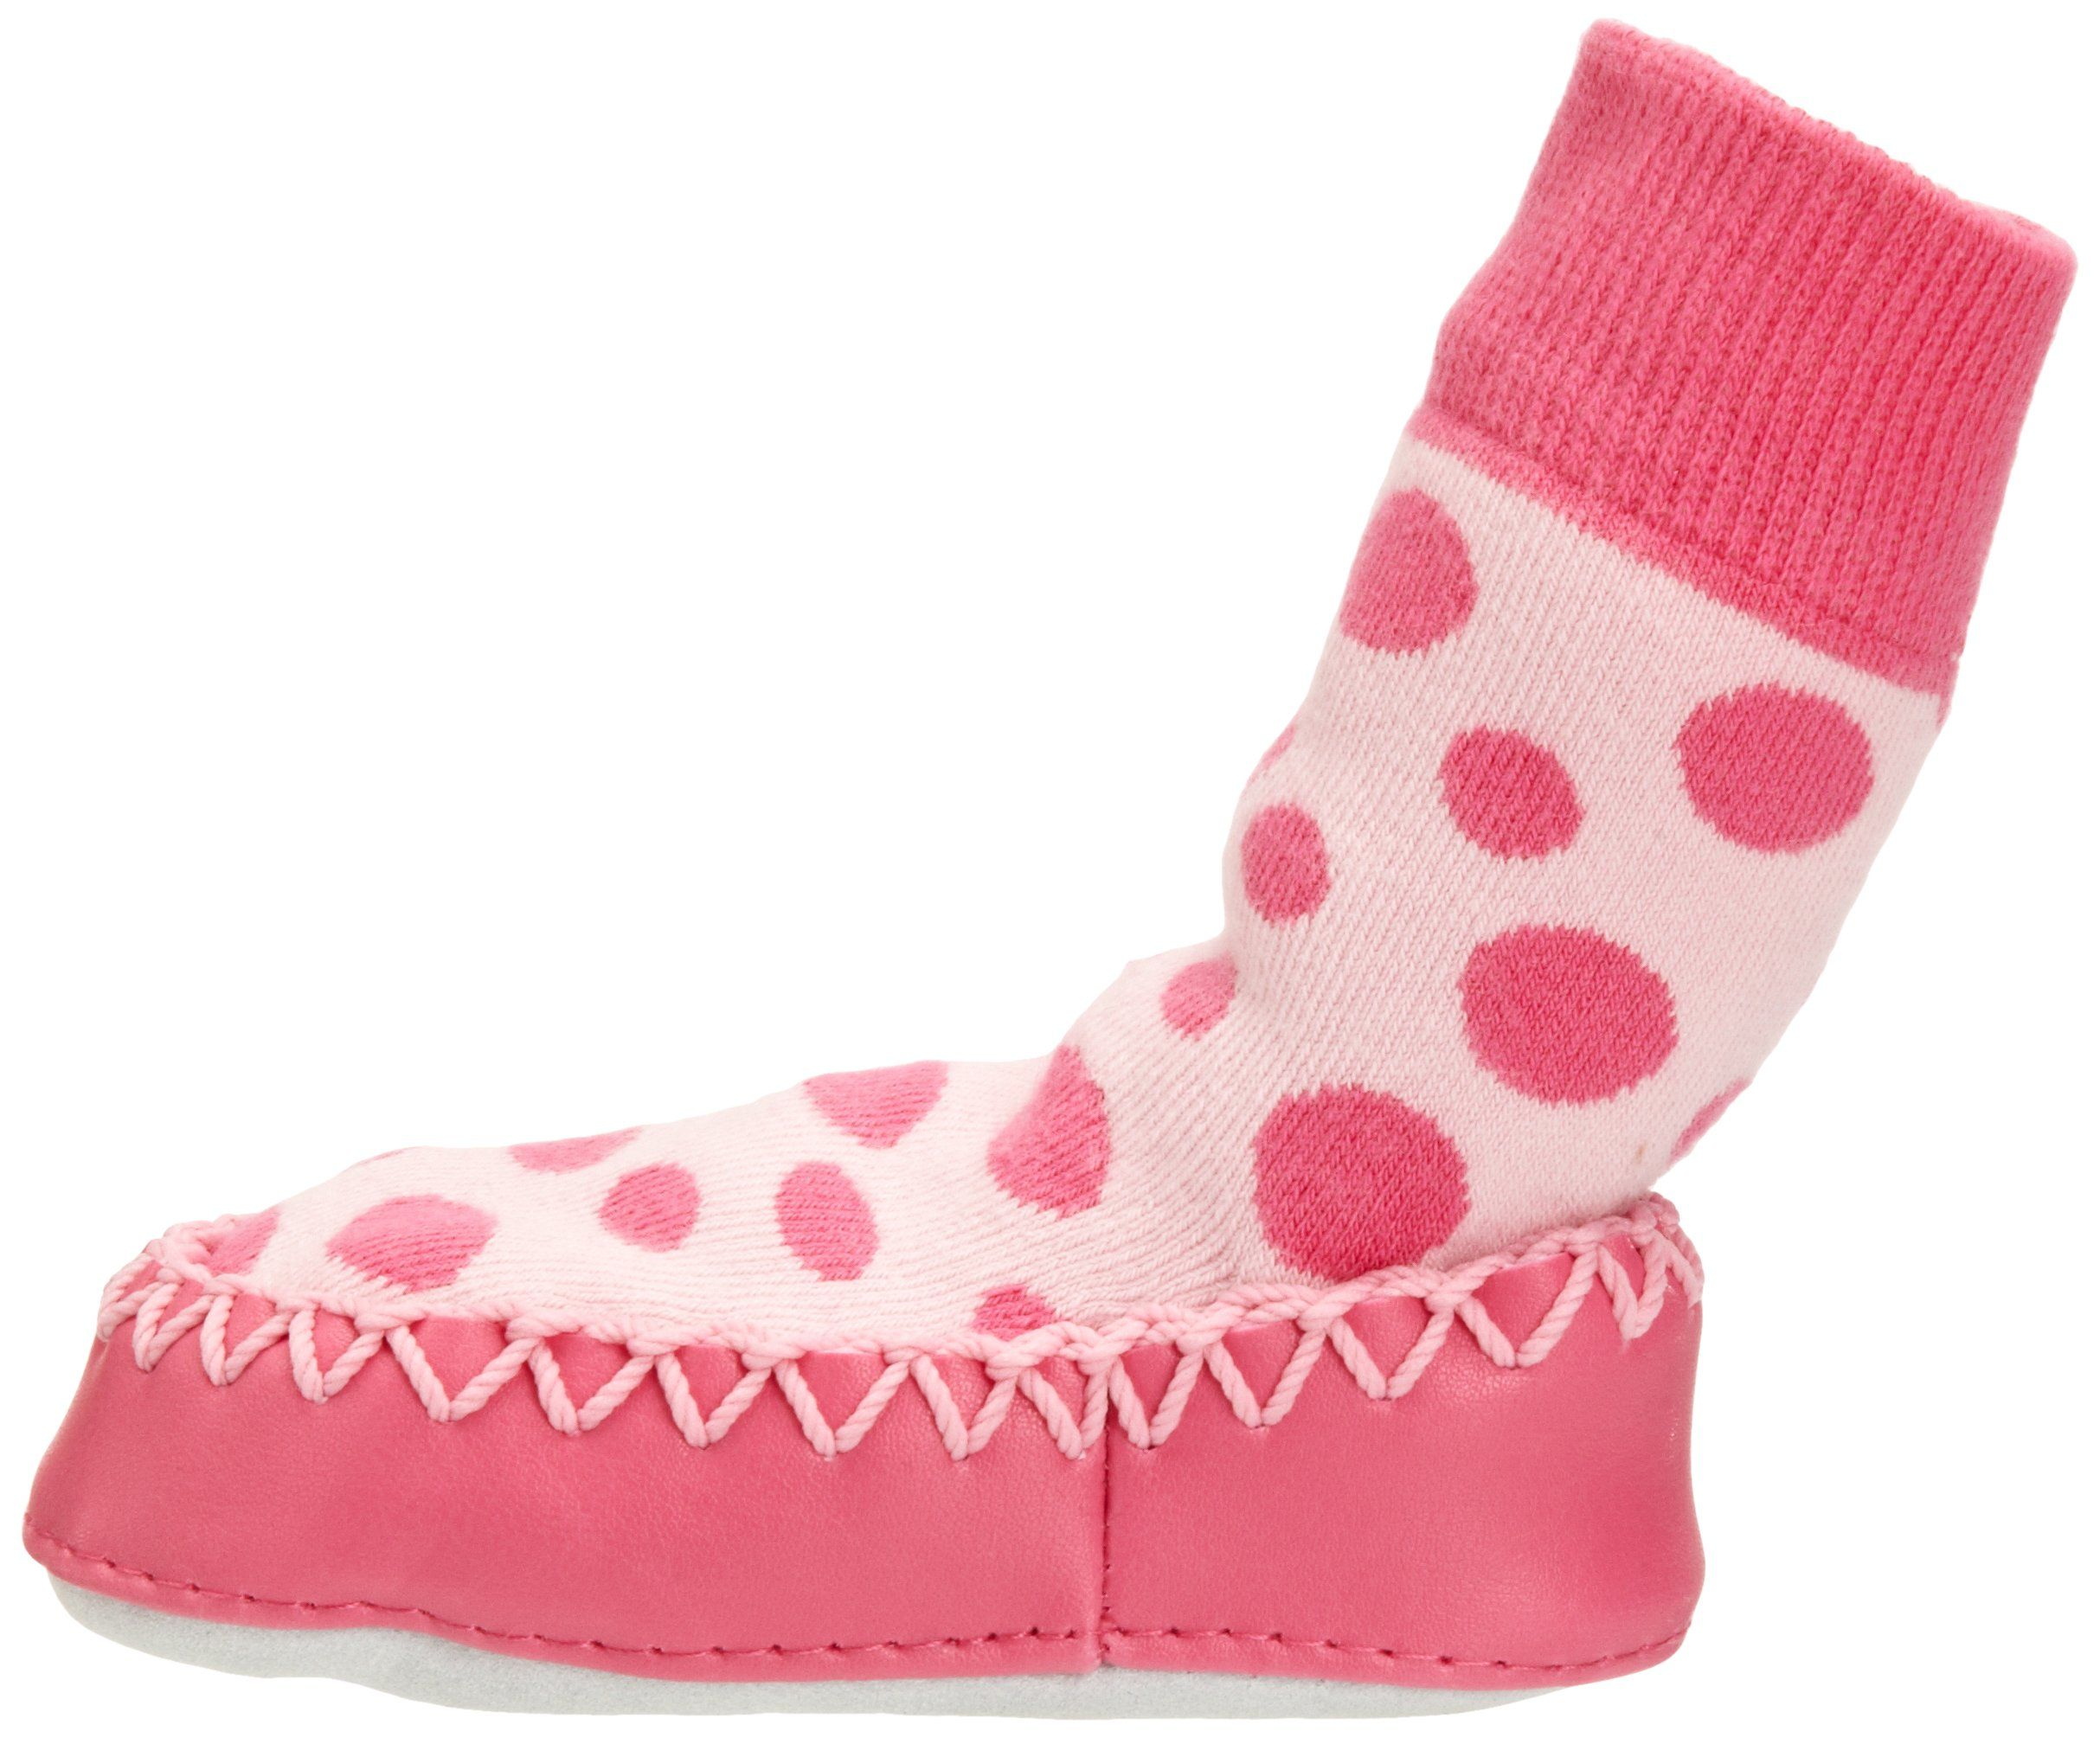 YueLian Baby Newborn Indoor Slipper Socks Tiger Booties 2.7